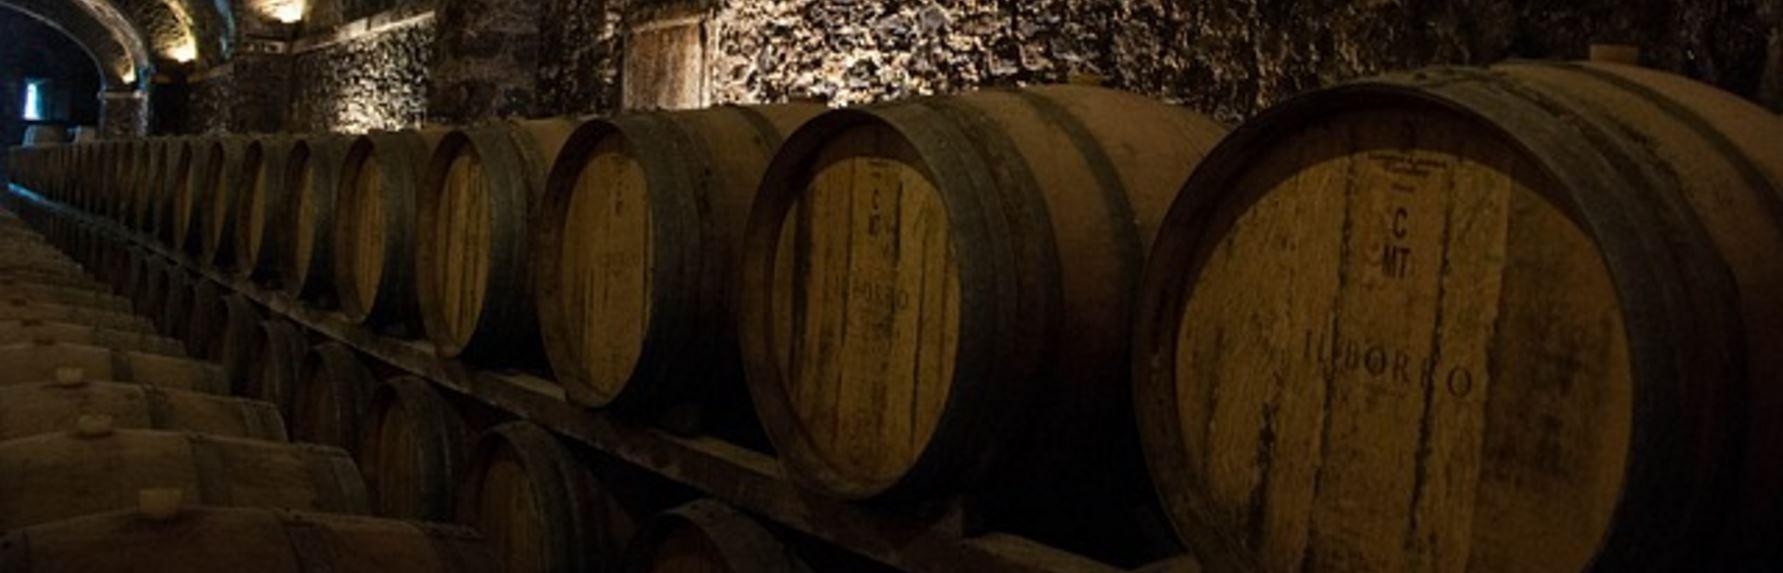 Lista dos vinhos Wines